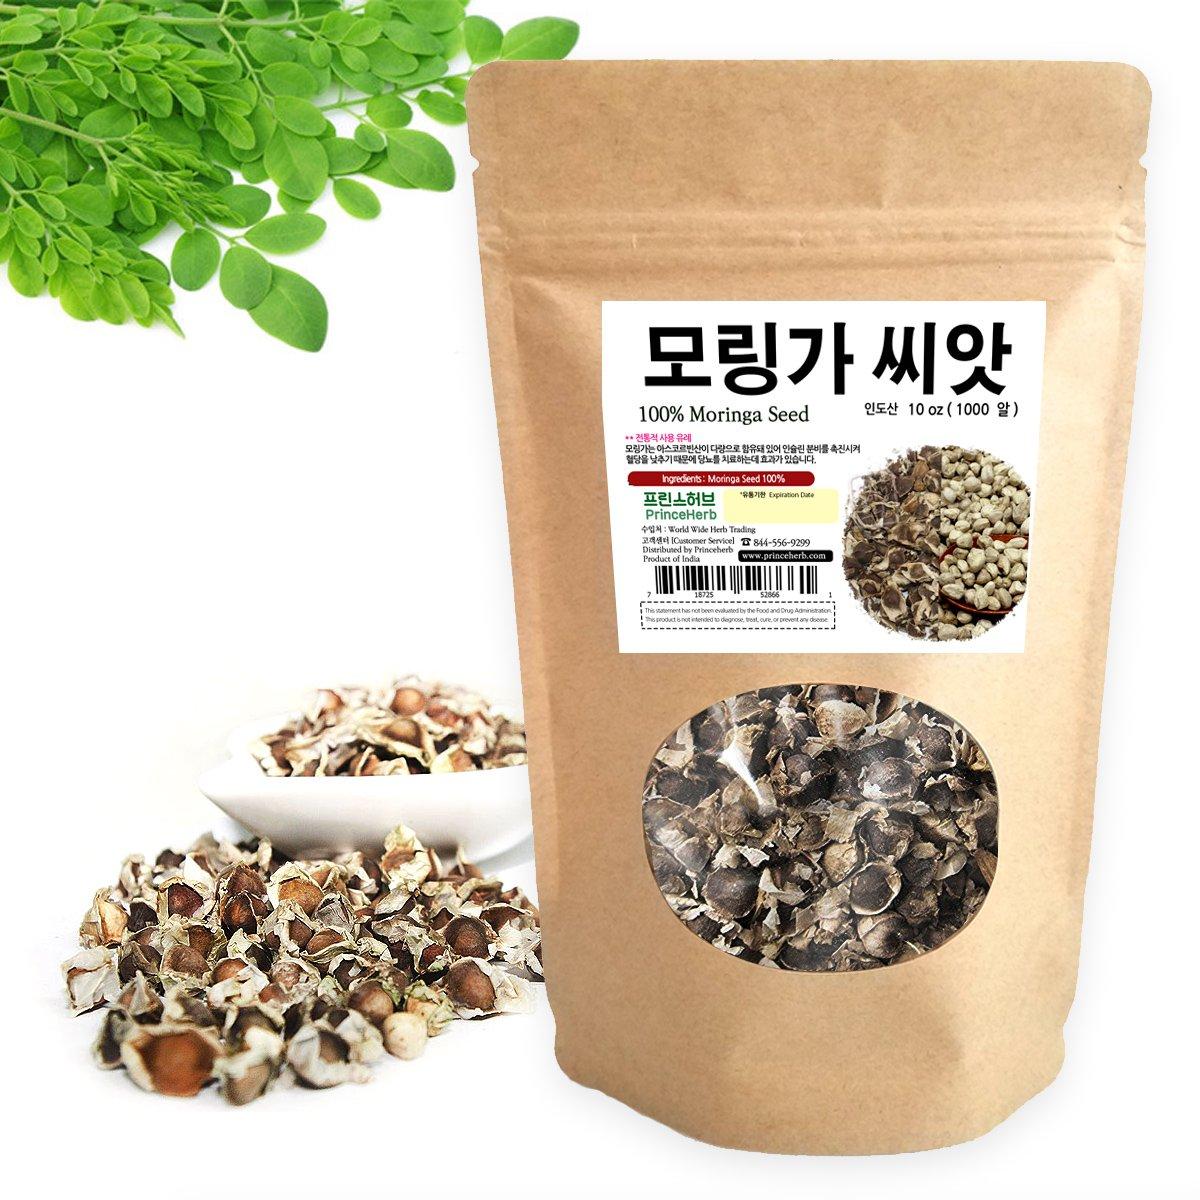 Amazon.com: [] Hierbas Medicinales Orgánica Moringa semillas ...